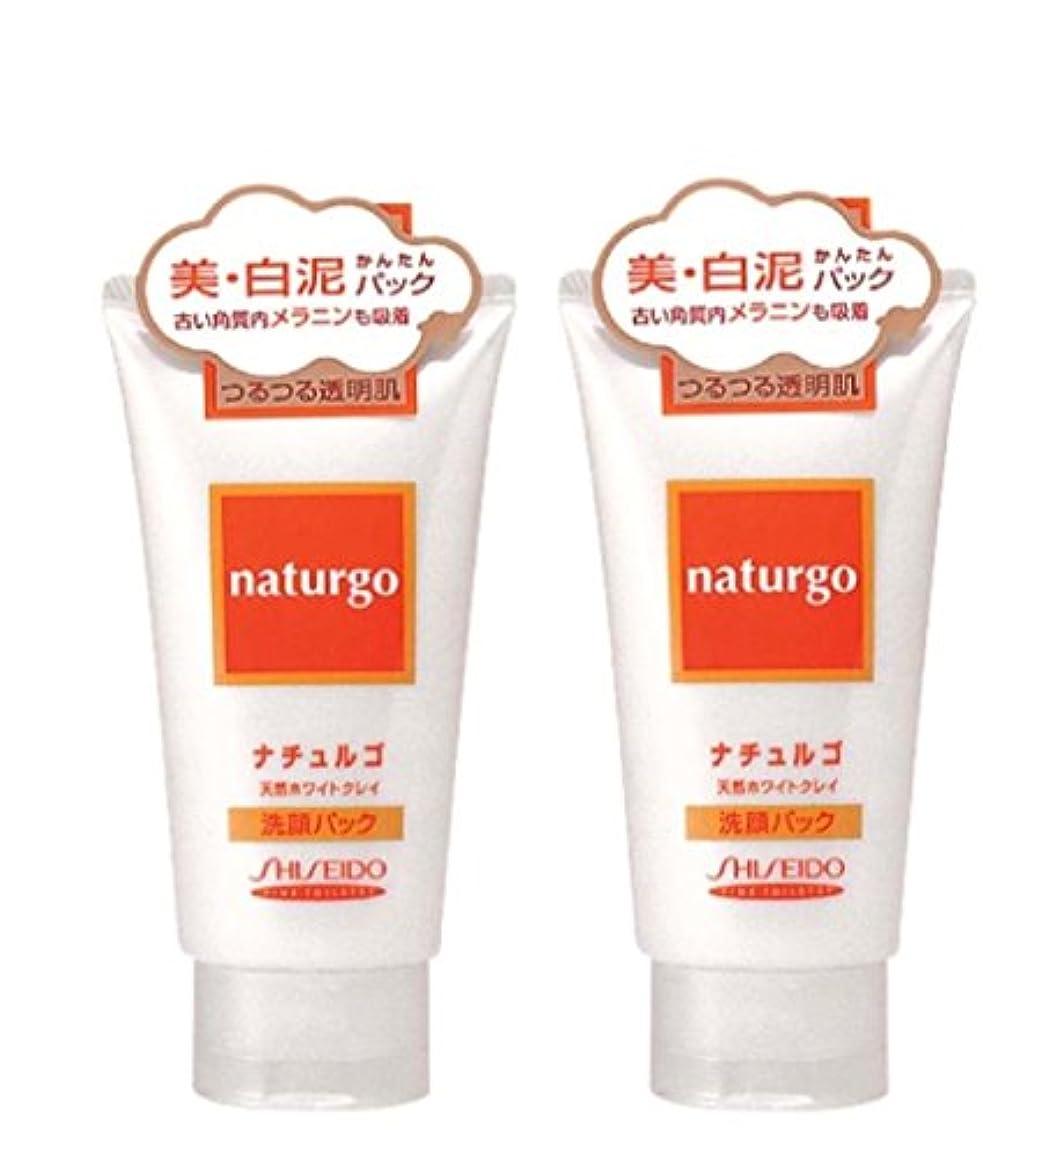 代わりにを立てるサポートとらえどころのない【まとめ買い】ナチュルゴ 天然ホワイトクレイ洗顔パック 120g ×2セット